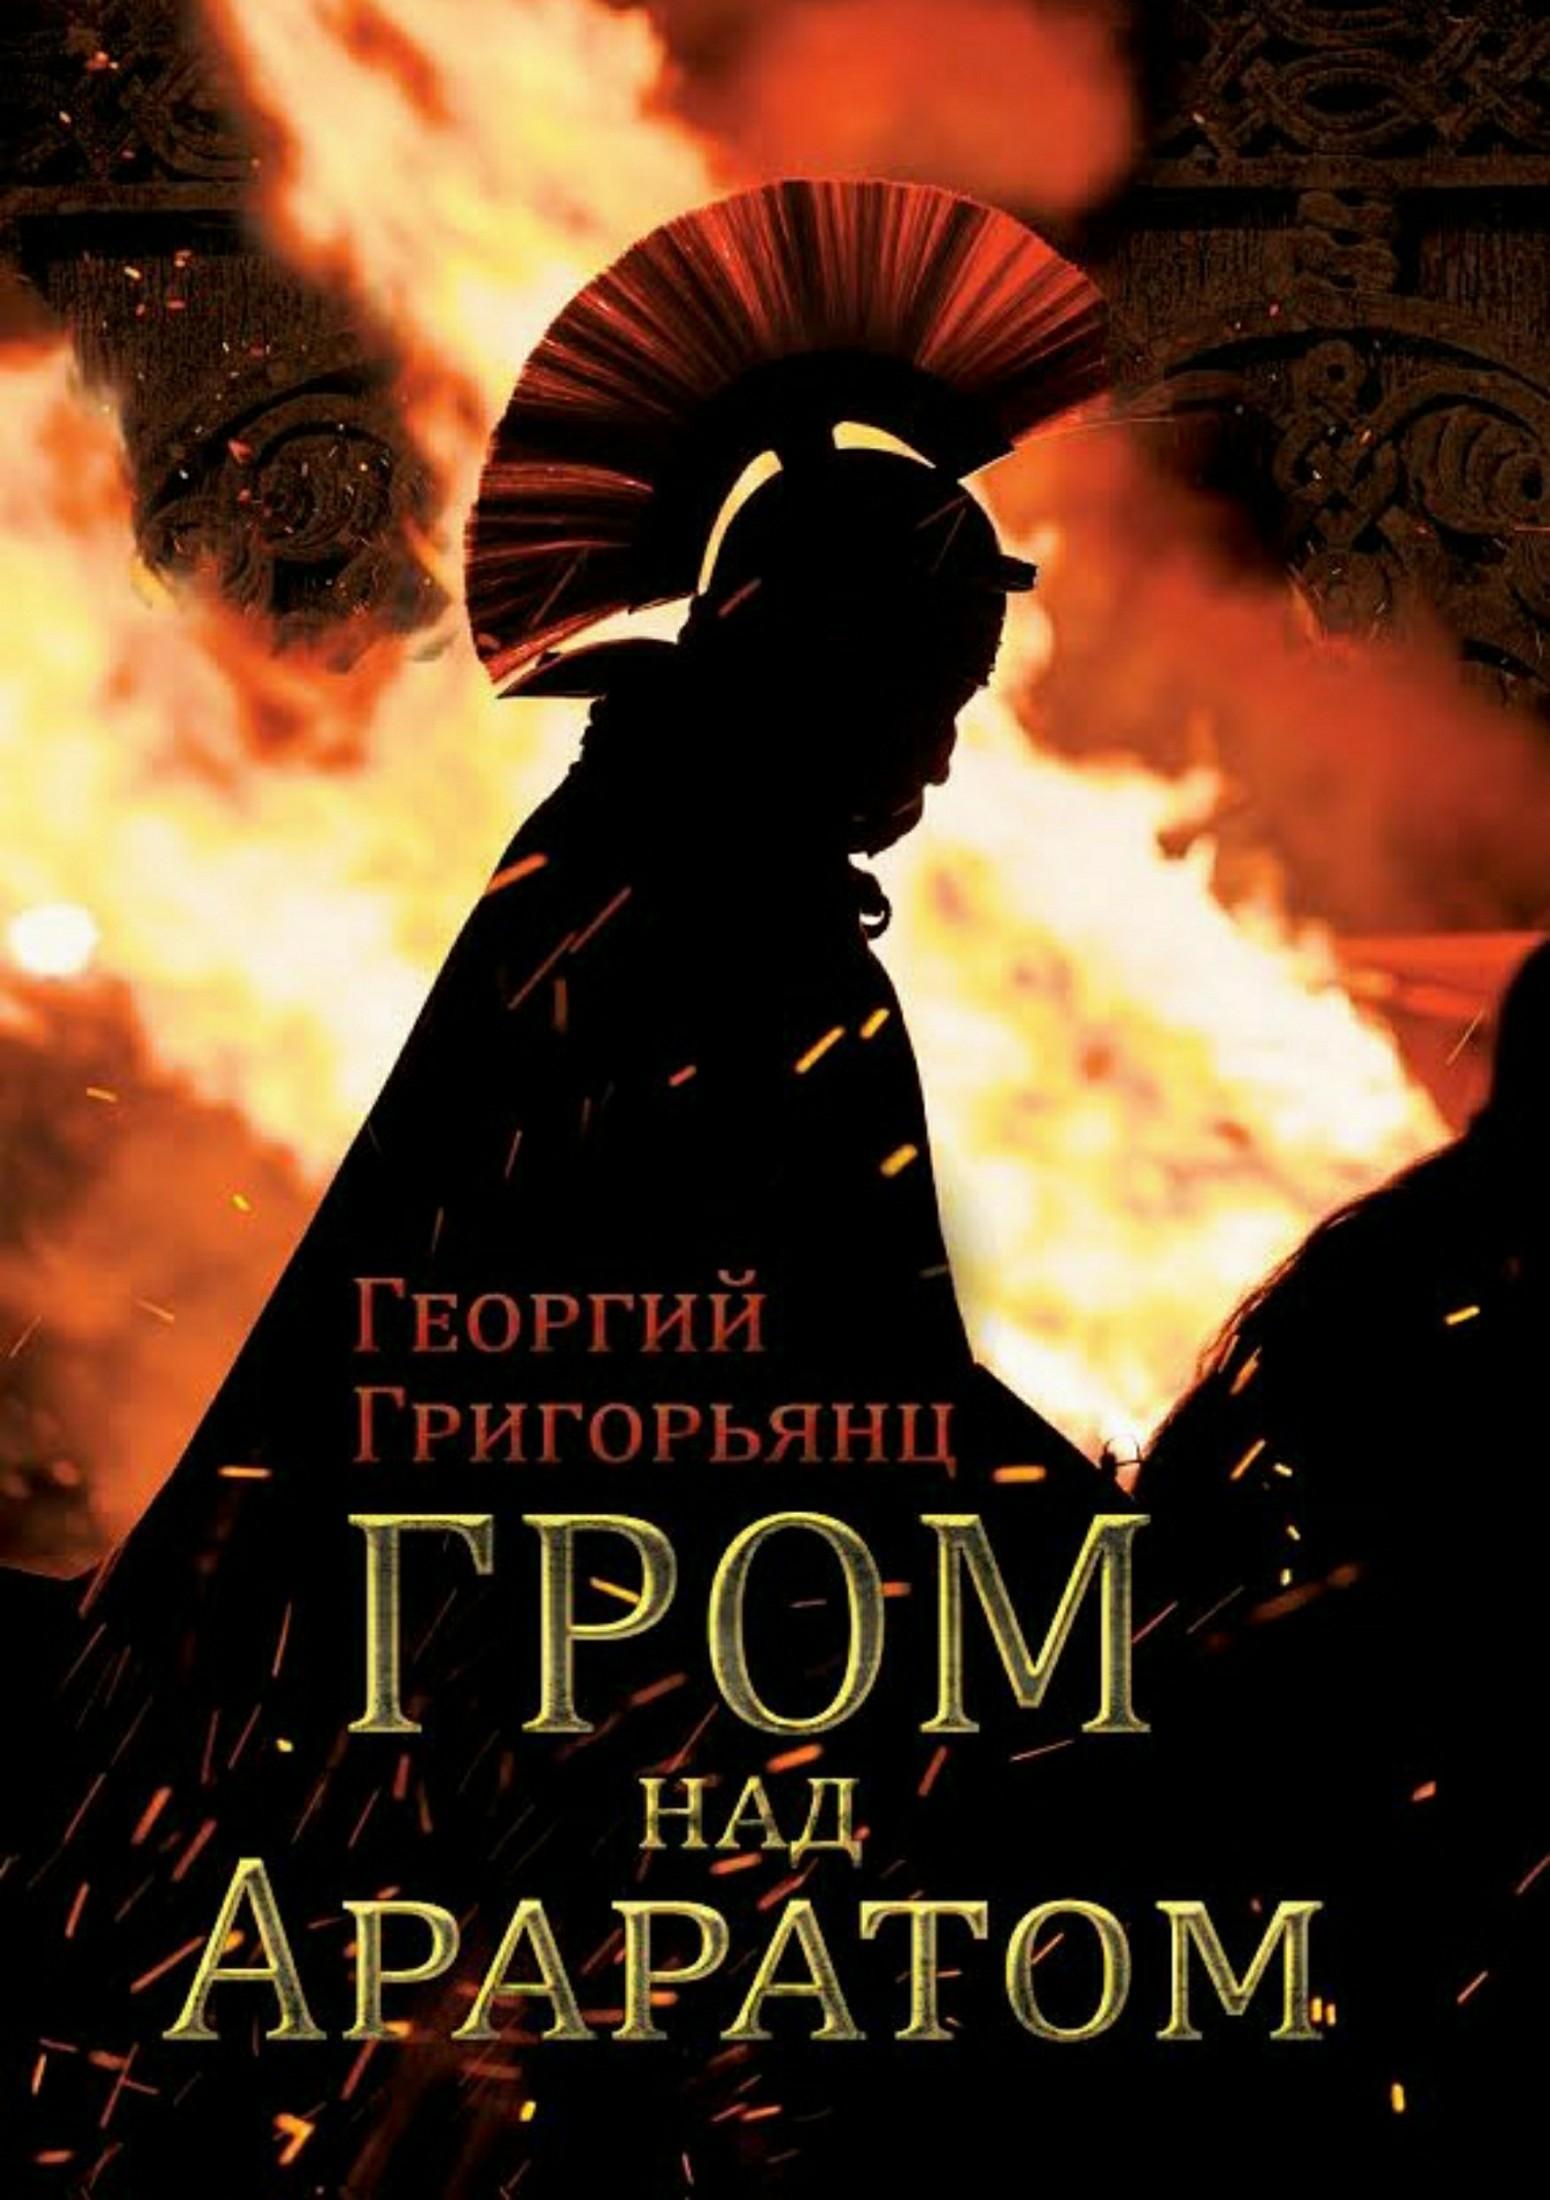 Георгий Григорьянц - Гром над Араратом